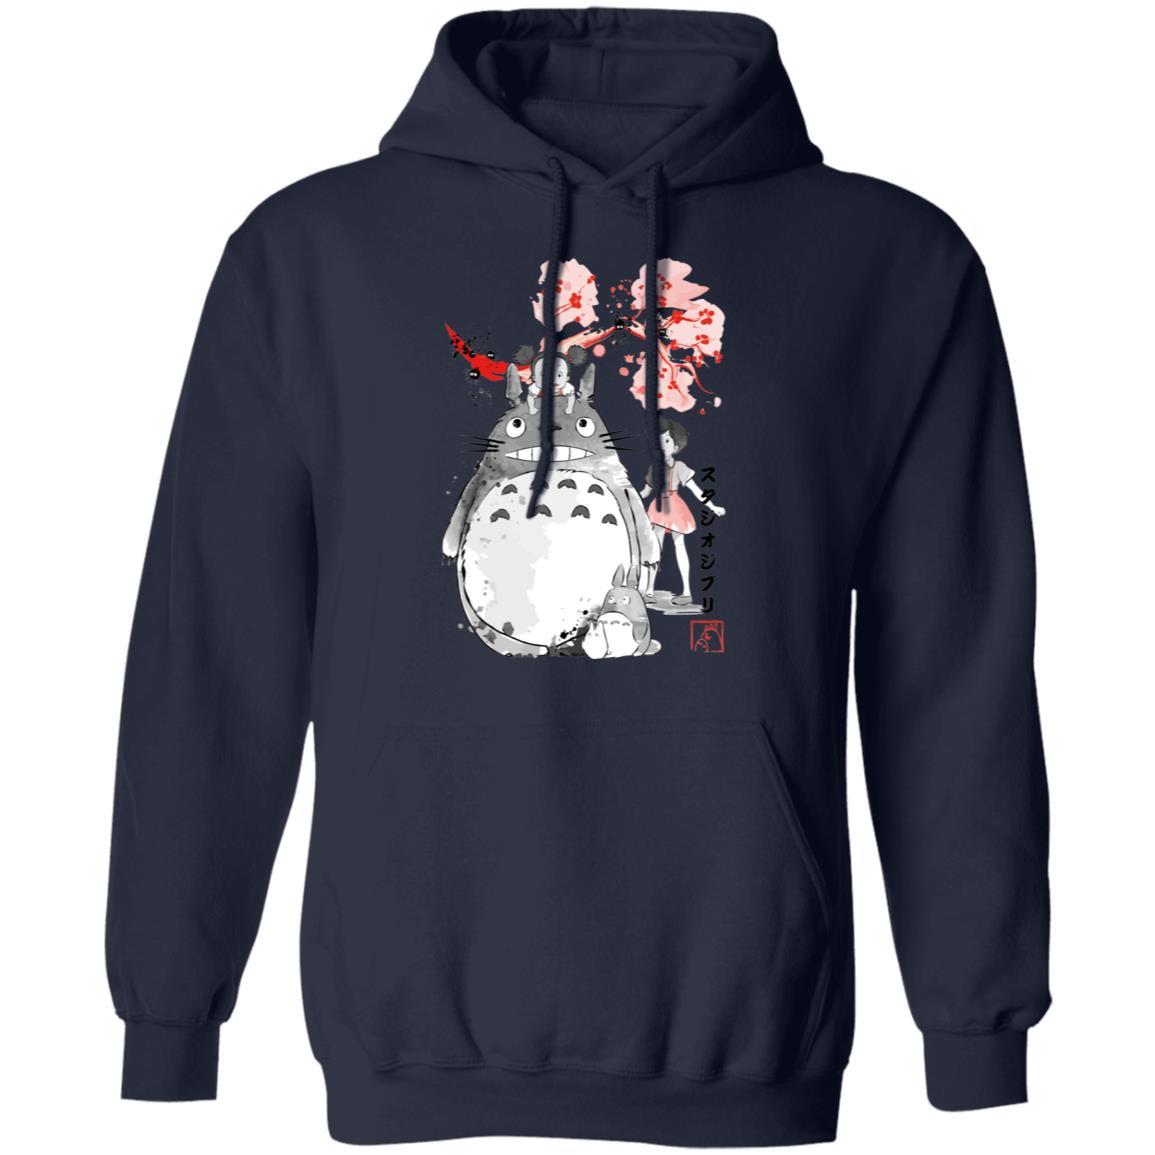 Totoro and the Girls by Sakura Flower Hoodie